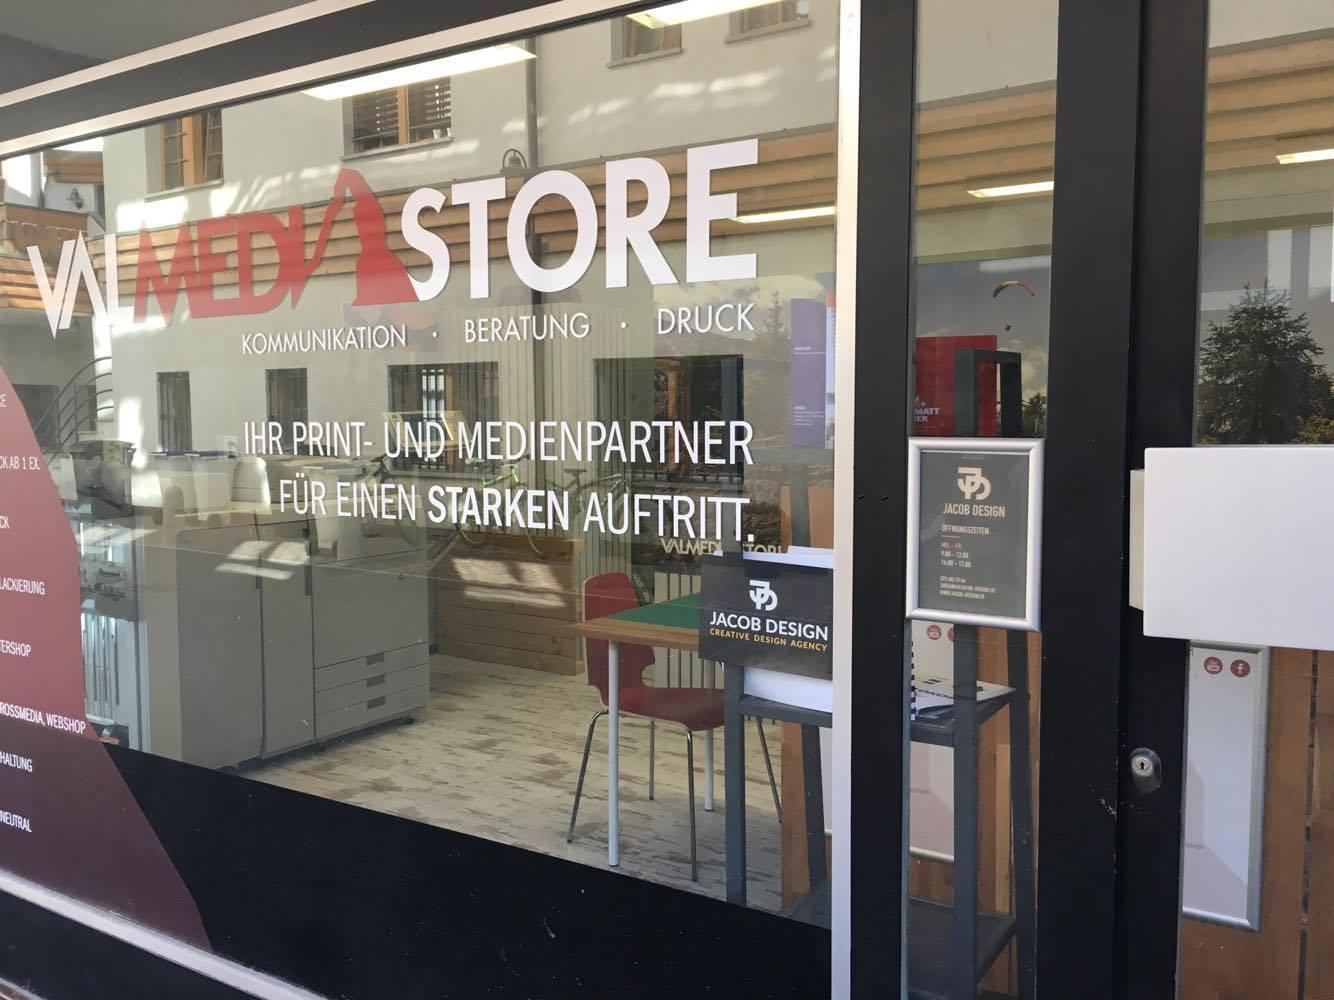 Valmedia Store